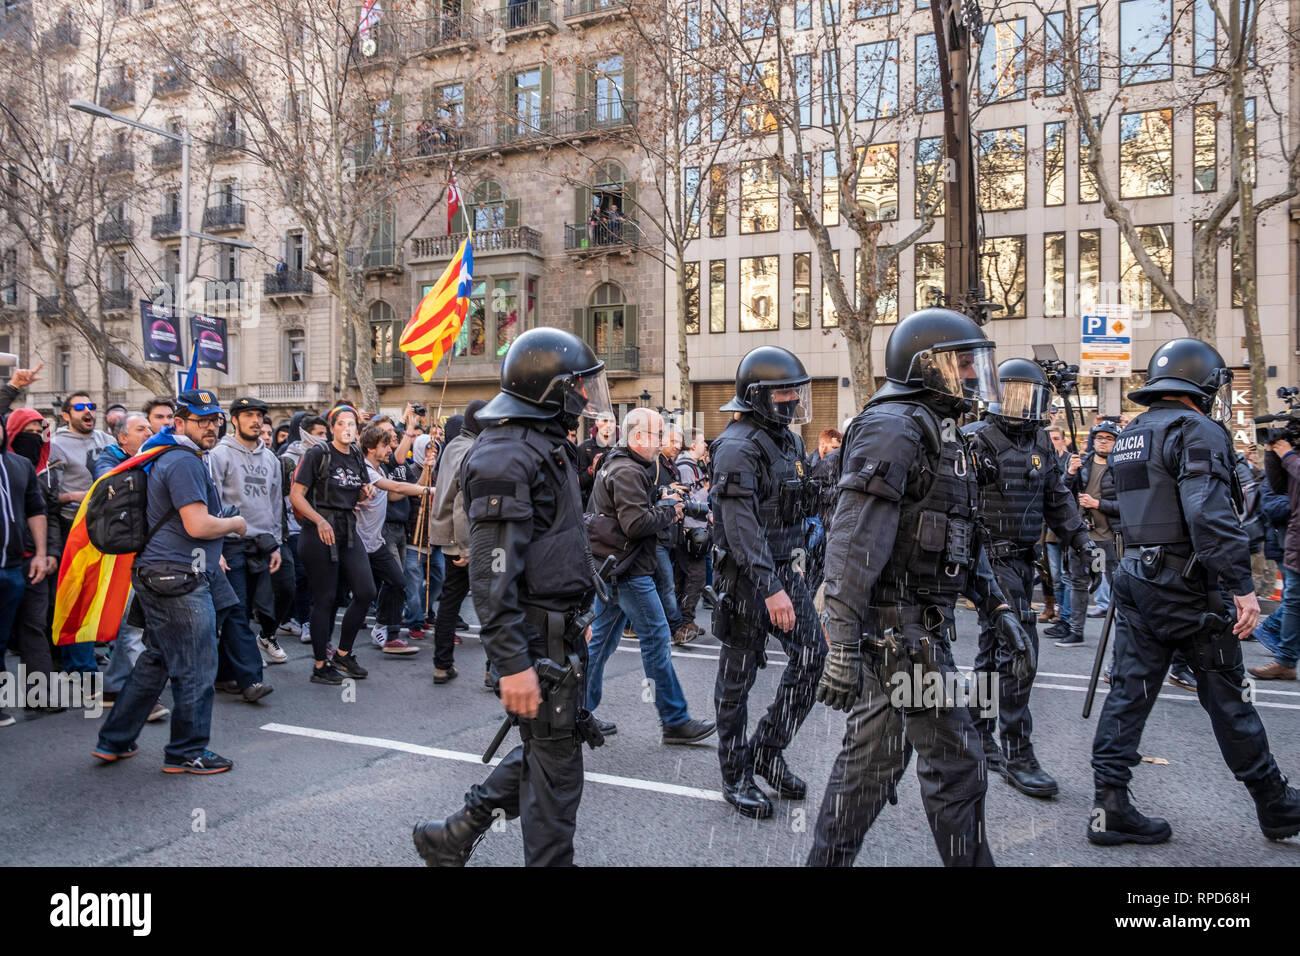 Agente de la policía de los Mossos d'Escuadra son vistos en retirada tras haber realizado varios cargos contra los manifestantes durante la huelga. Una huelga general en Cataluña para exigir sus derechos, la libertad y denunciar los juicios que están teniendo lugar en la Corte Suprema de Justicia, con sede en Madrid. Organizado por la intersindical-CsC, numerosos manifestantes han seguido la huelga general en toda Catalunya con paradas de tráfico en las principales carreteras urbanas. Foto de stock